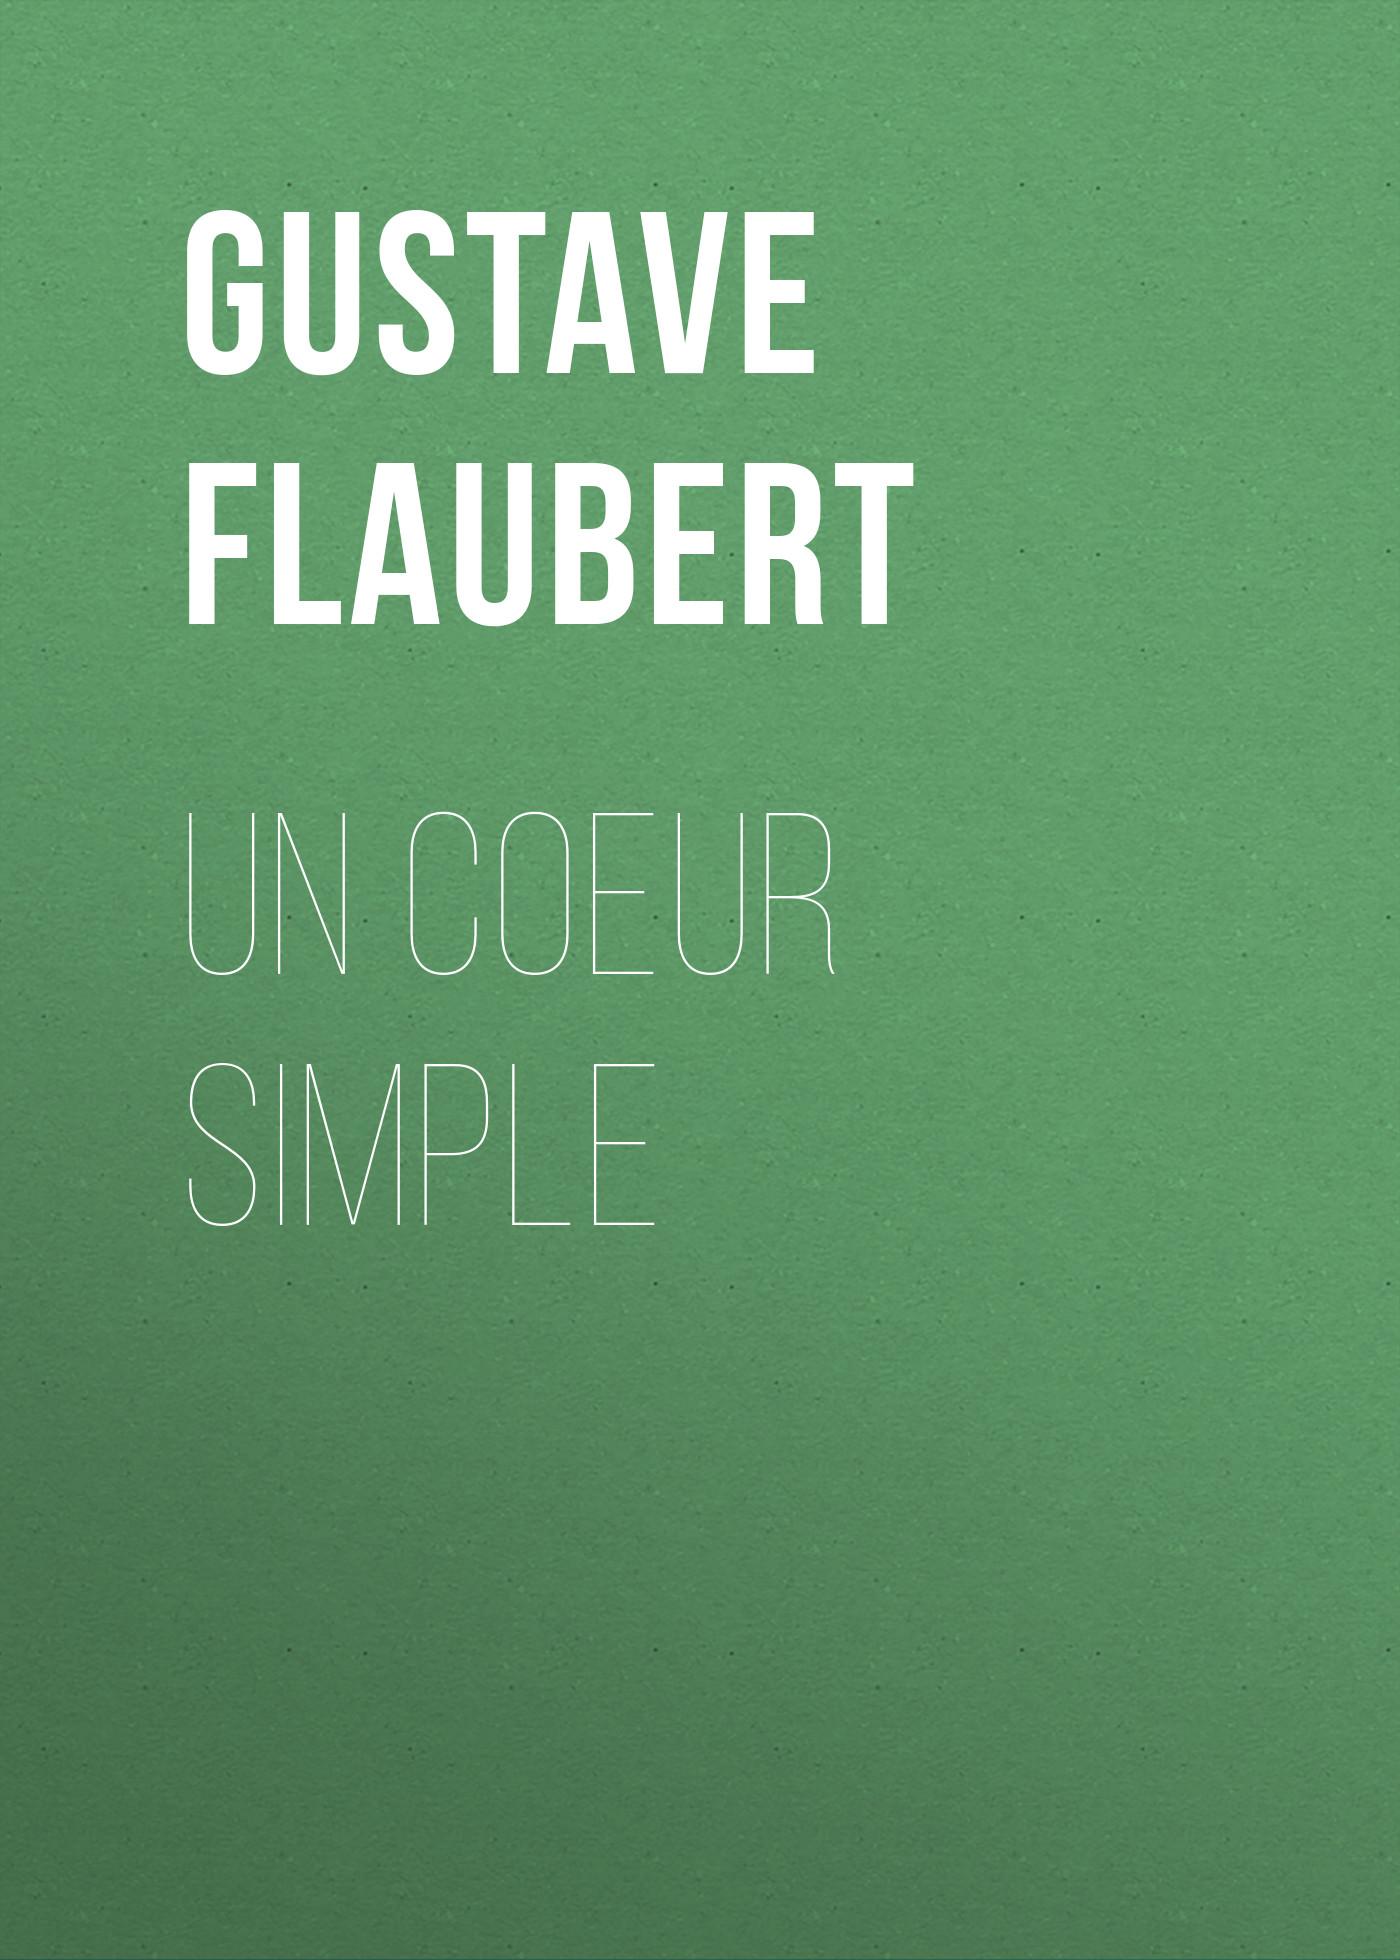 Gustave Flaubert Un coeur simple